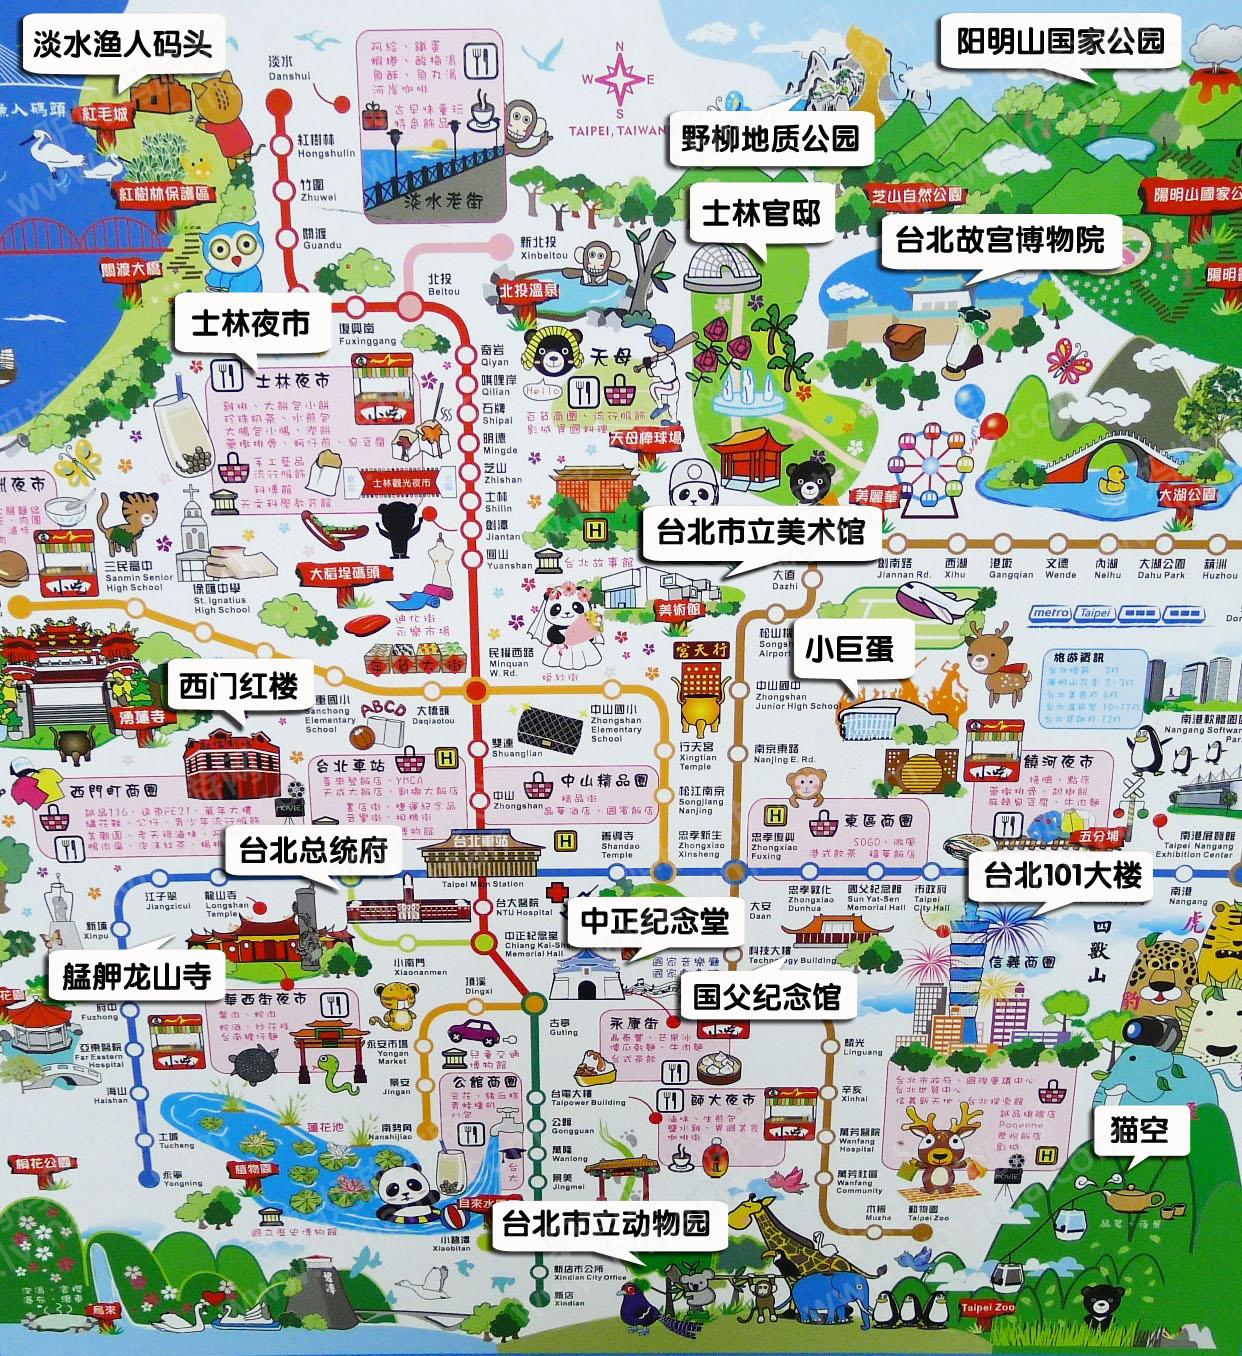 台北旅游景点地图@郑艳菲